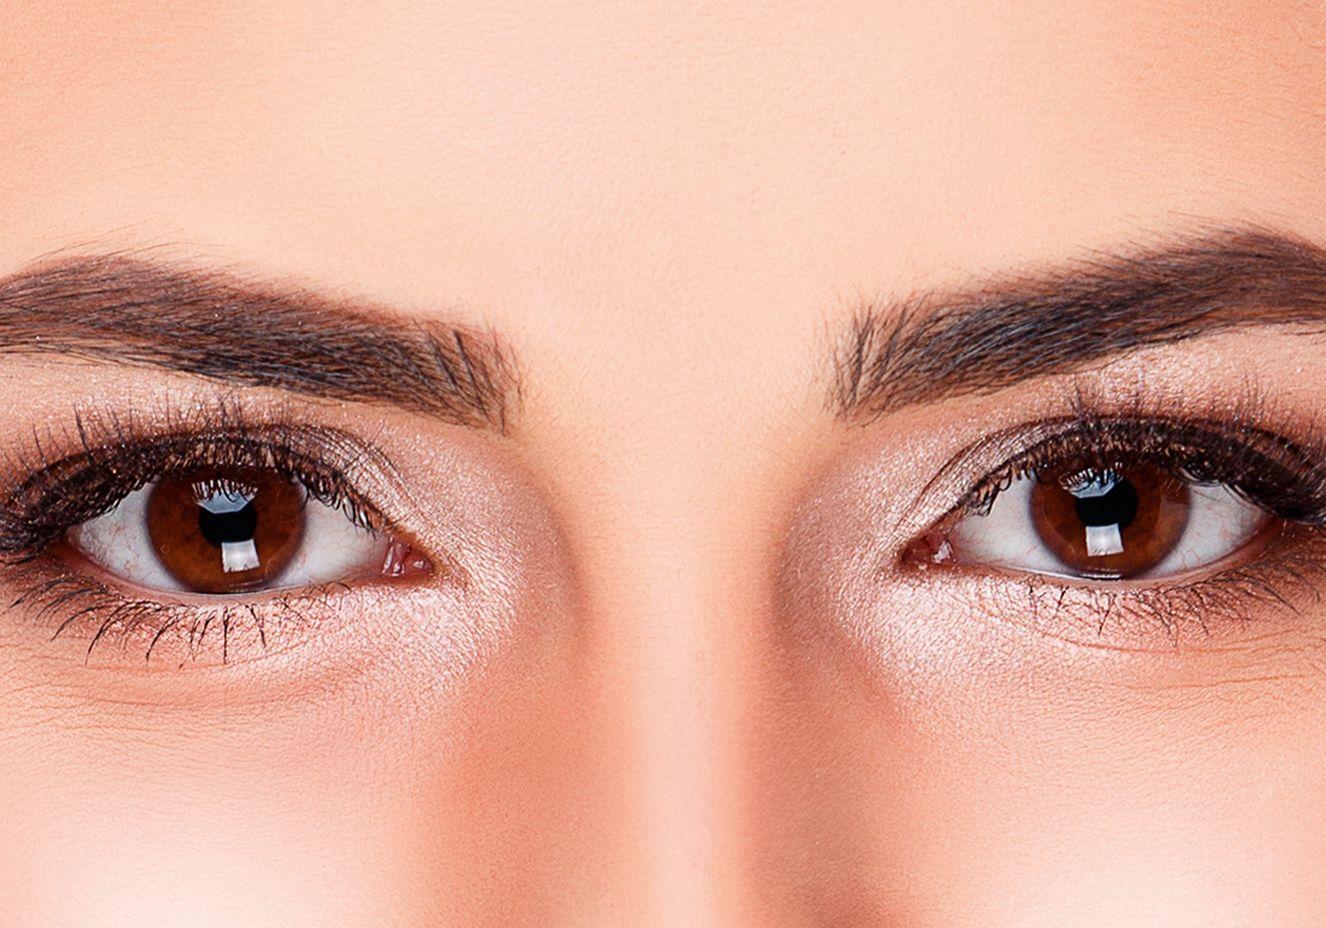 tipos de olheiras veja qual a sua e como cuidar 4 - Tipos de ojeras: vea cuál es su tipo y cómo cuidar